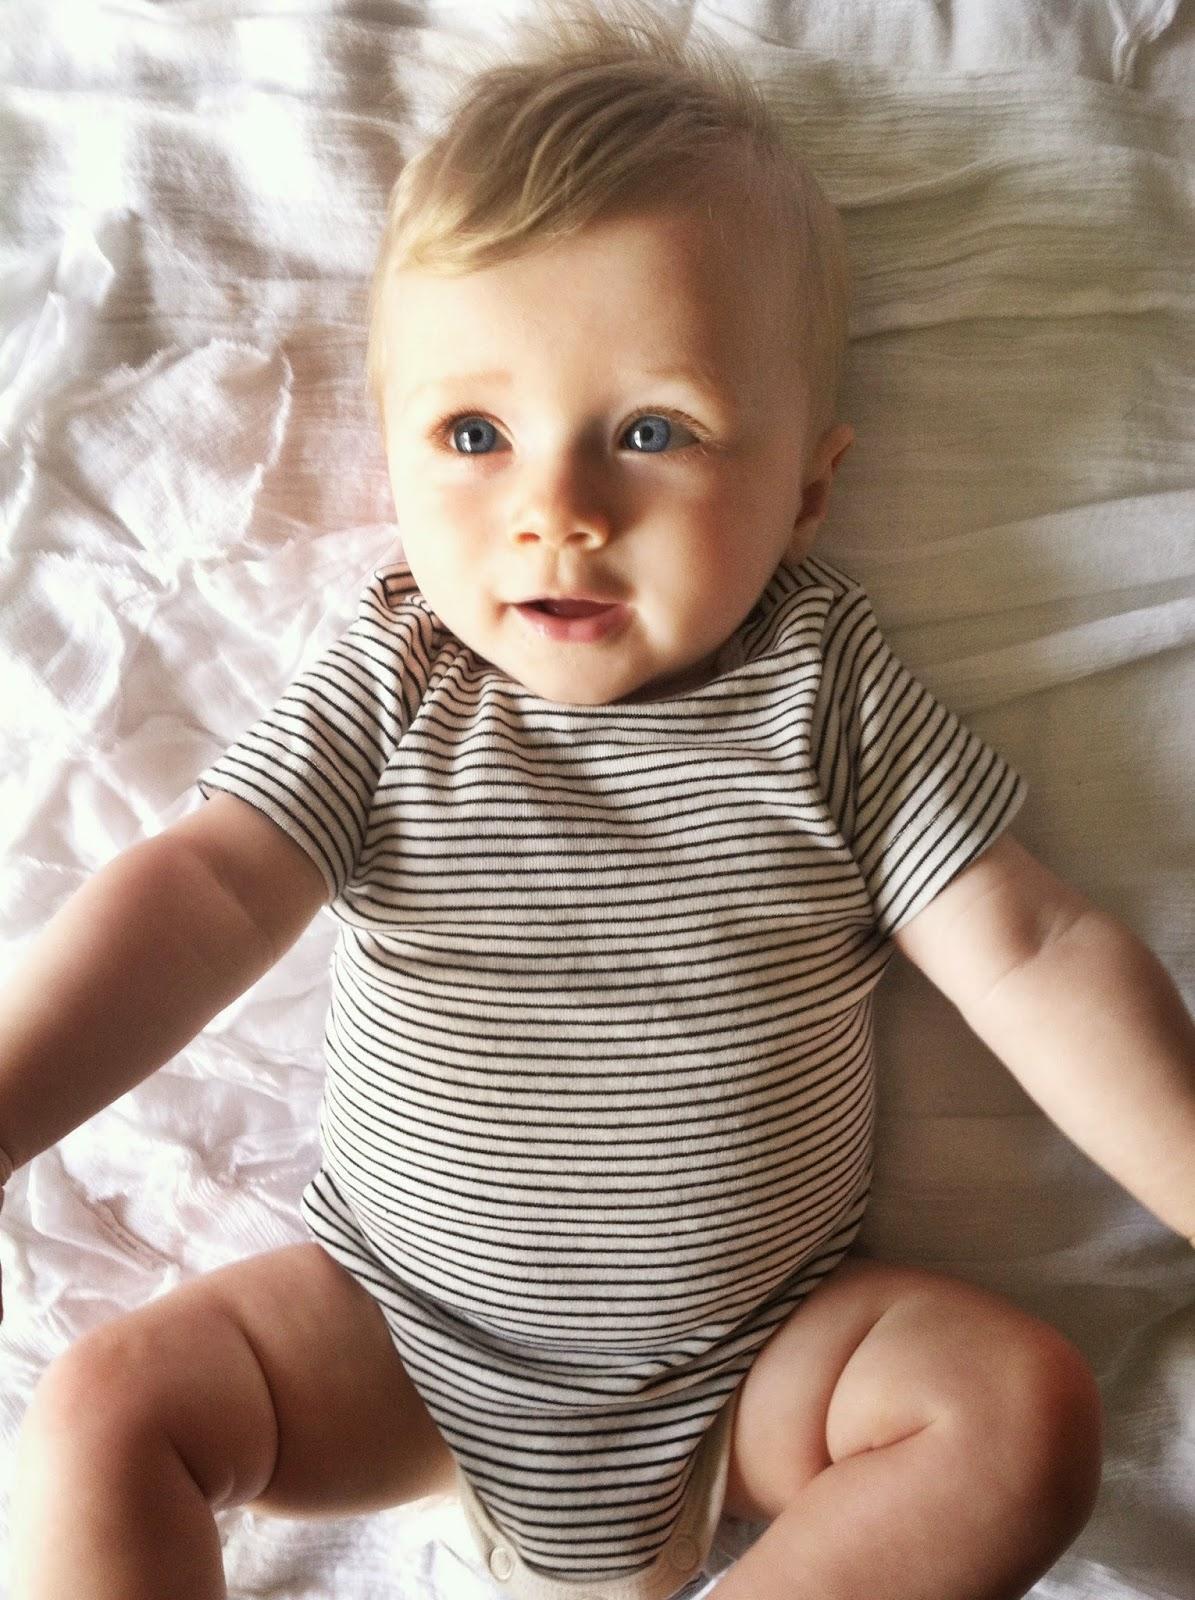 TESSA RAYANNE: My Baby Boy Is 8 Months Old